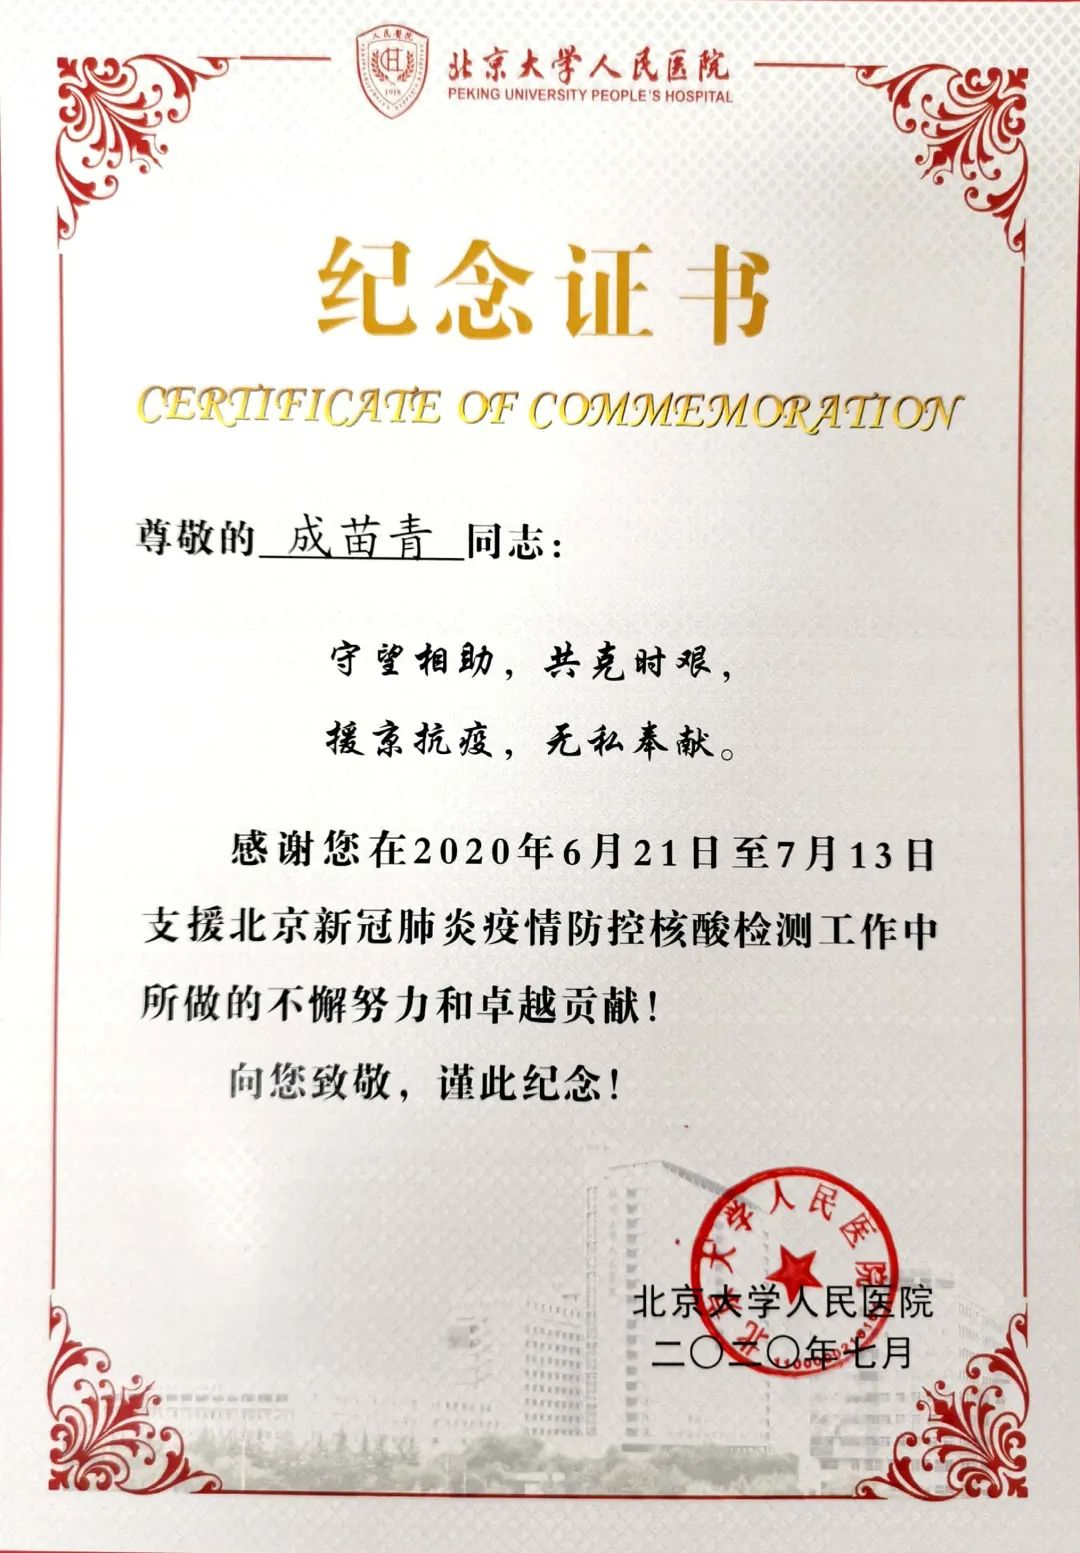 滨州医学院附属医院赴京抗疫英雄平安凯旋!